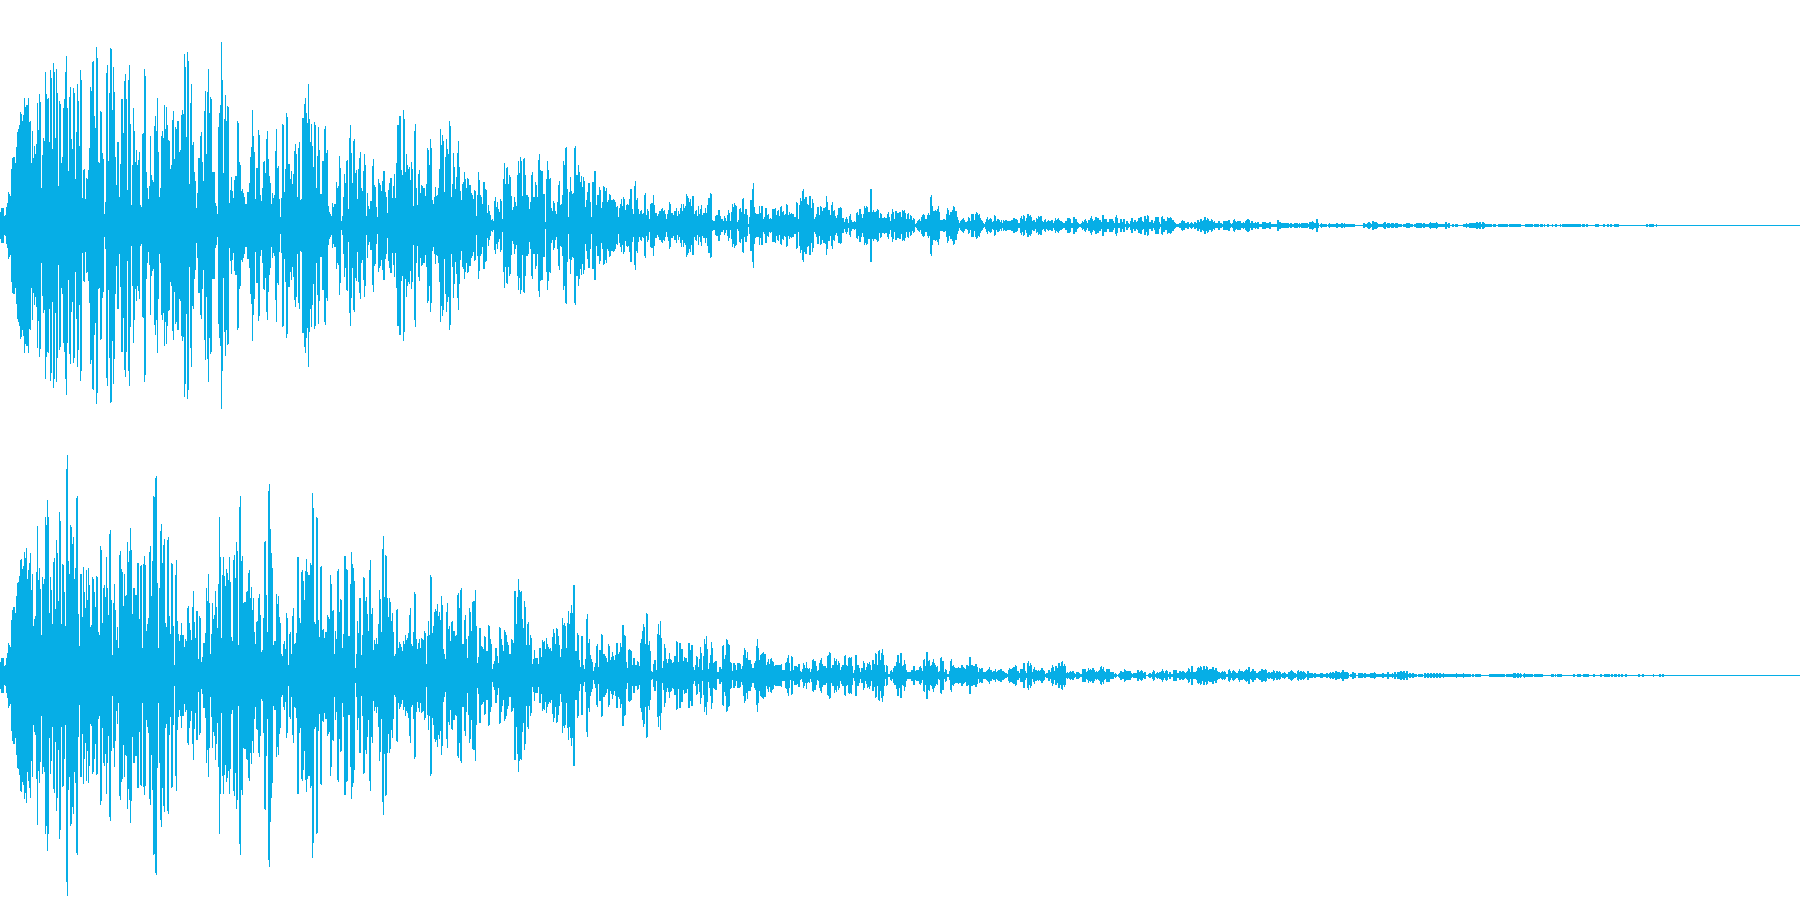 【ドーン】残響の効いたインパクト音の再生済みの波形